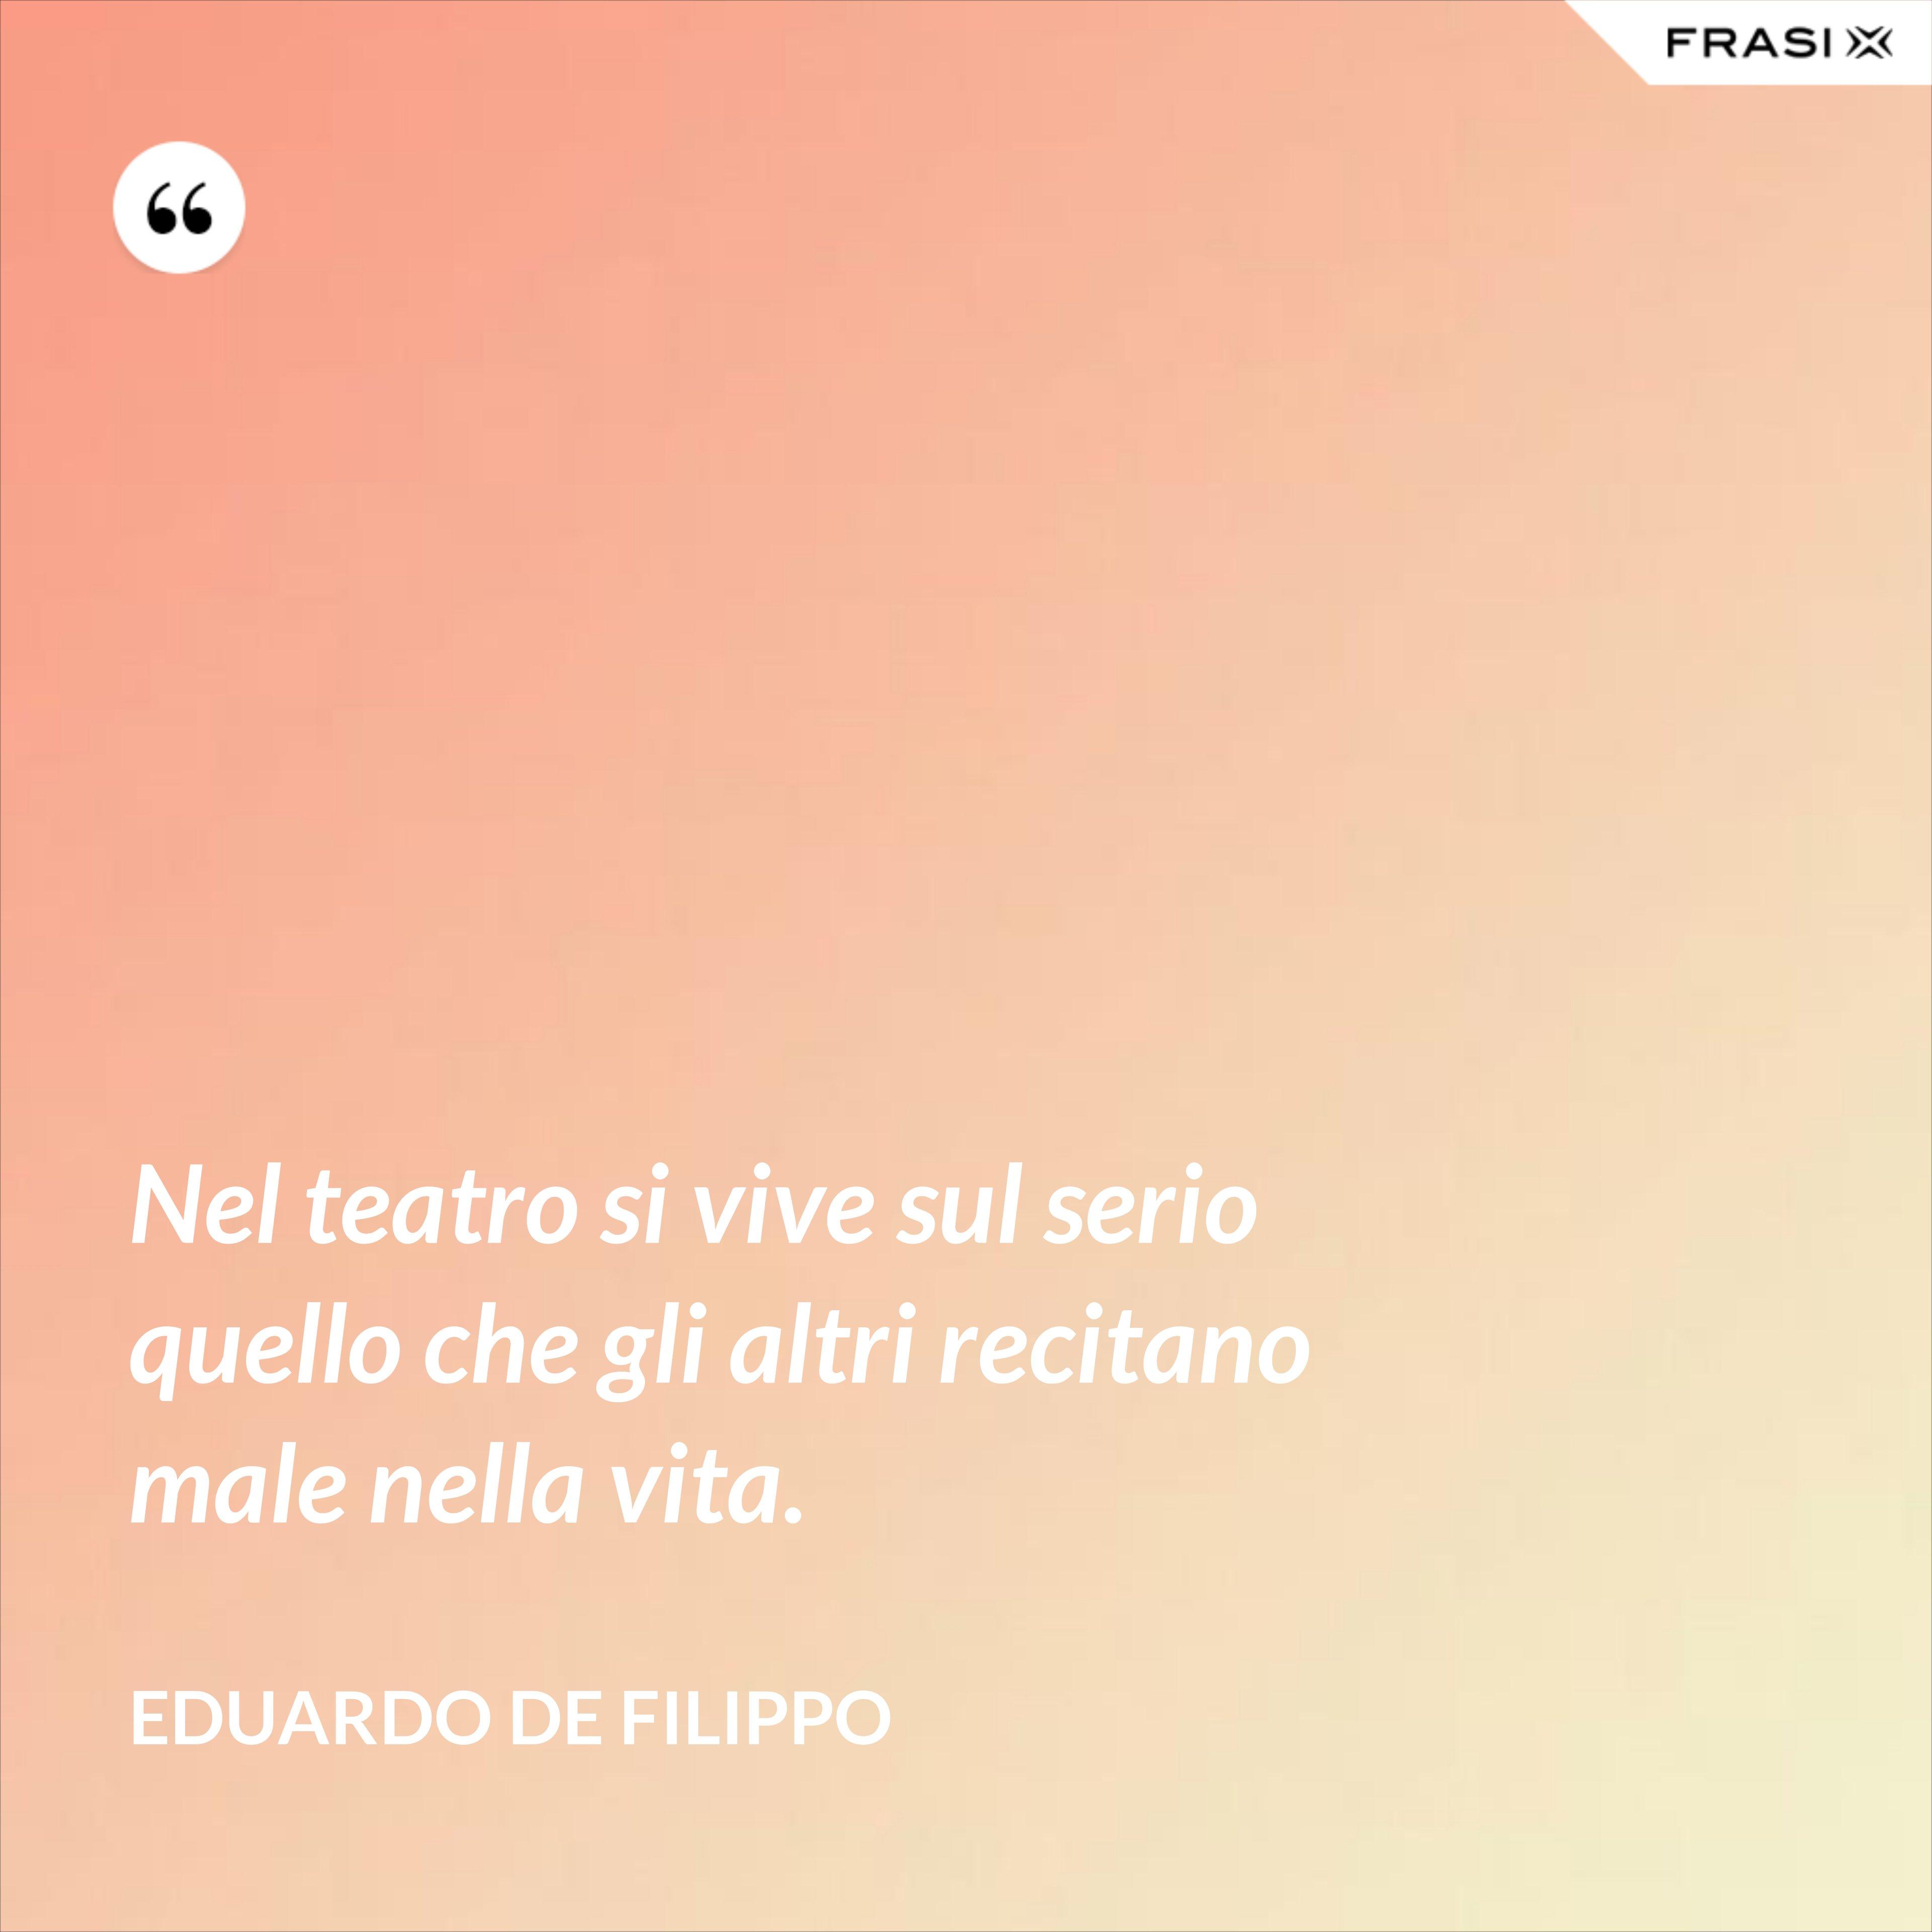 Nel teatro si vive sul serio quello che gli altri recitano male nella vita. - Eduardo De Filippo